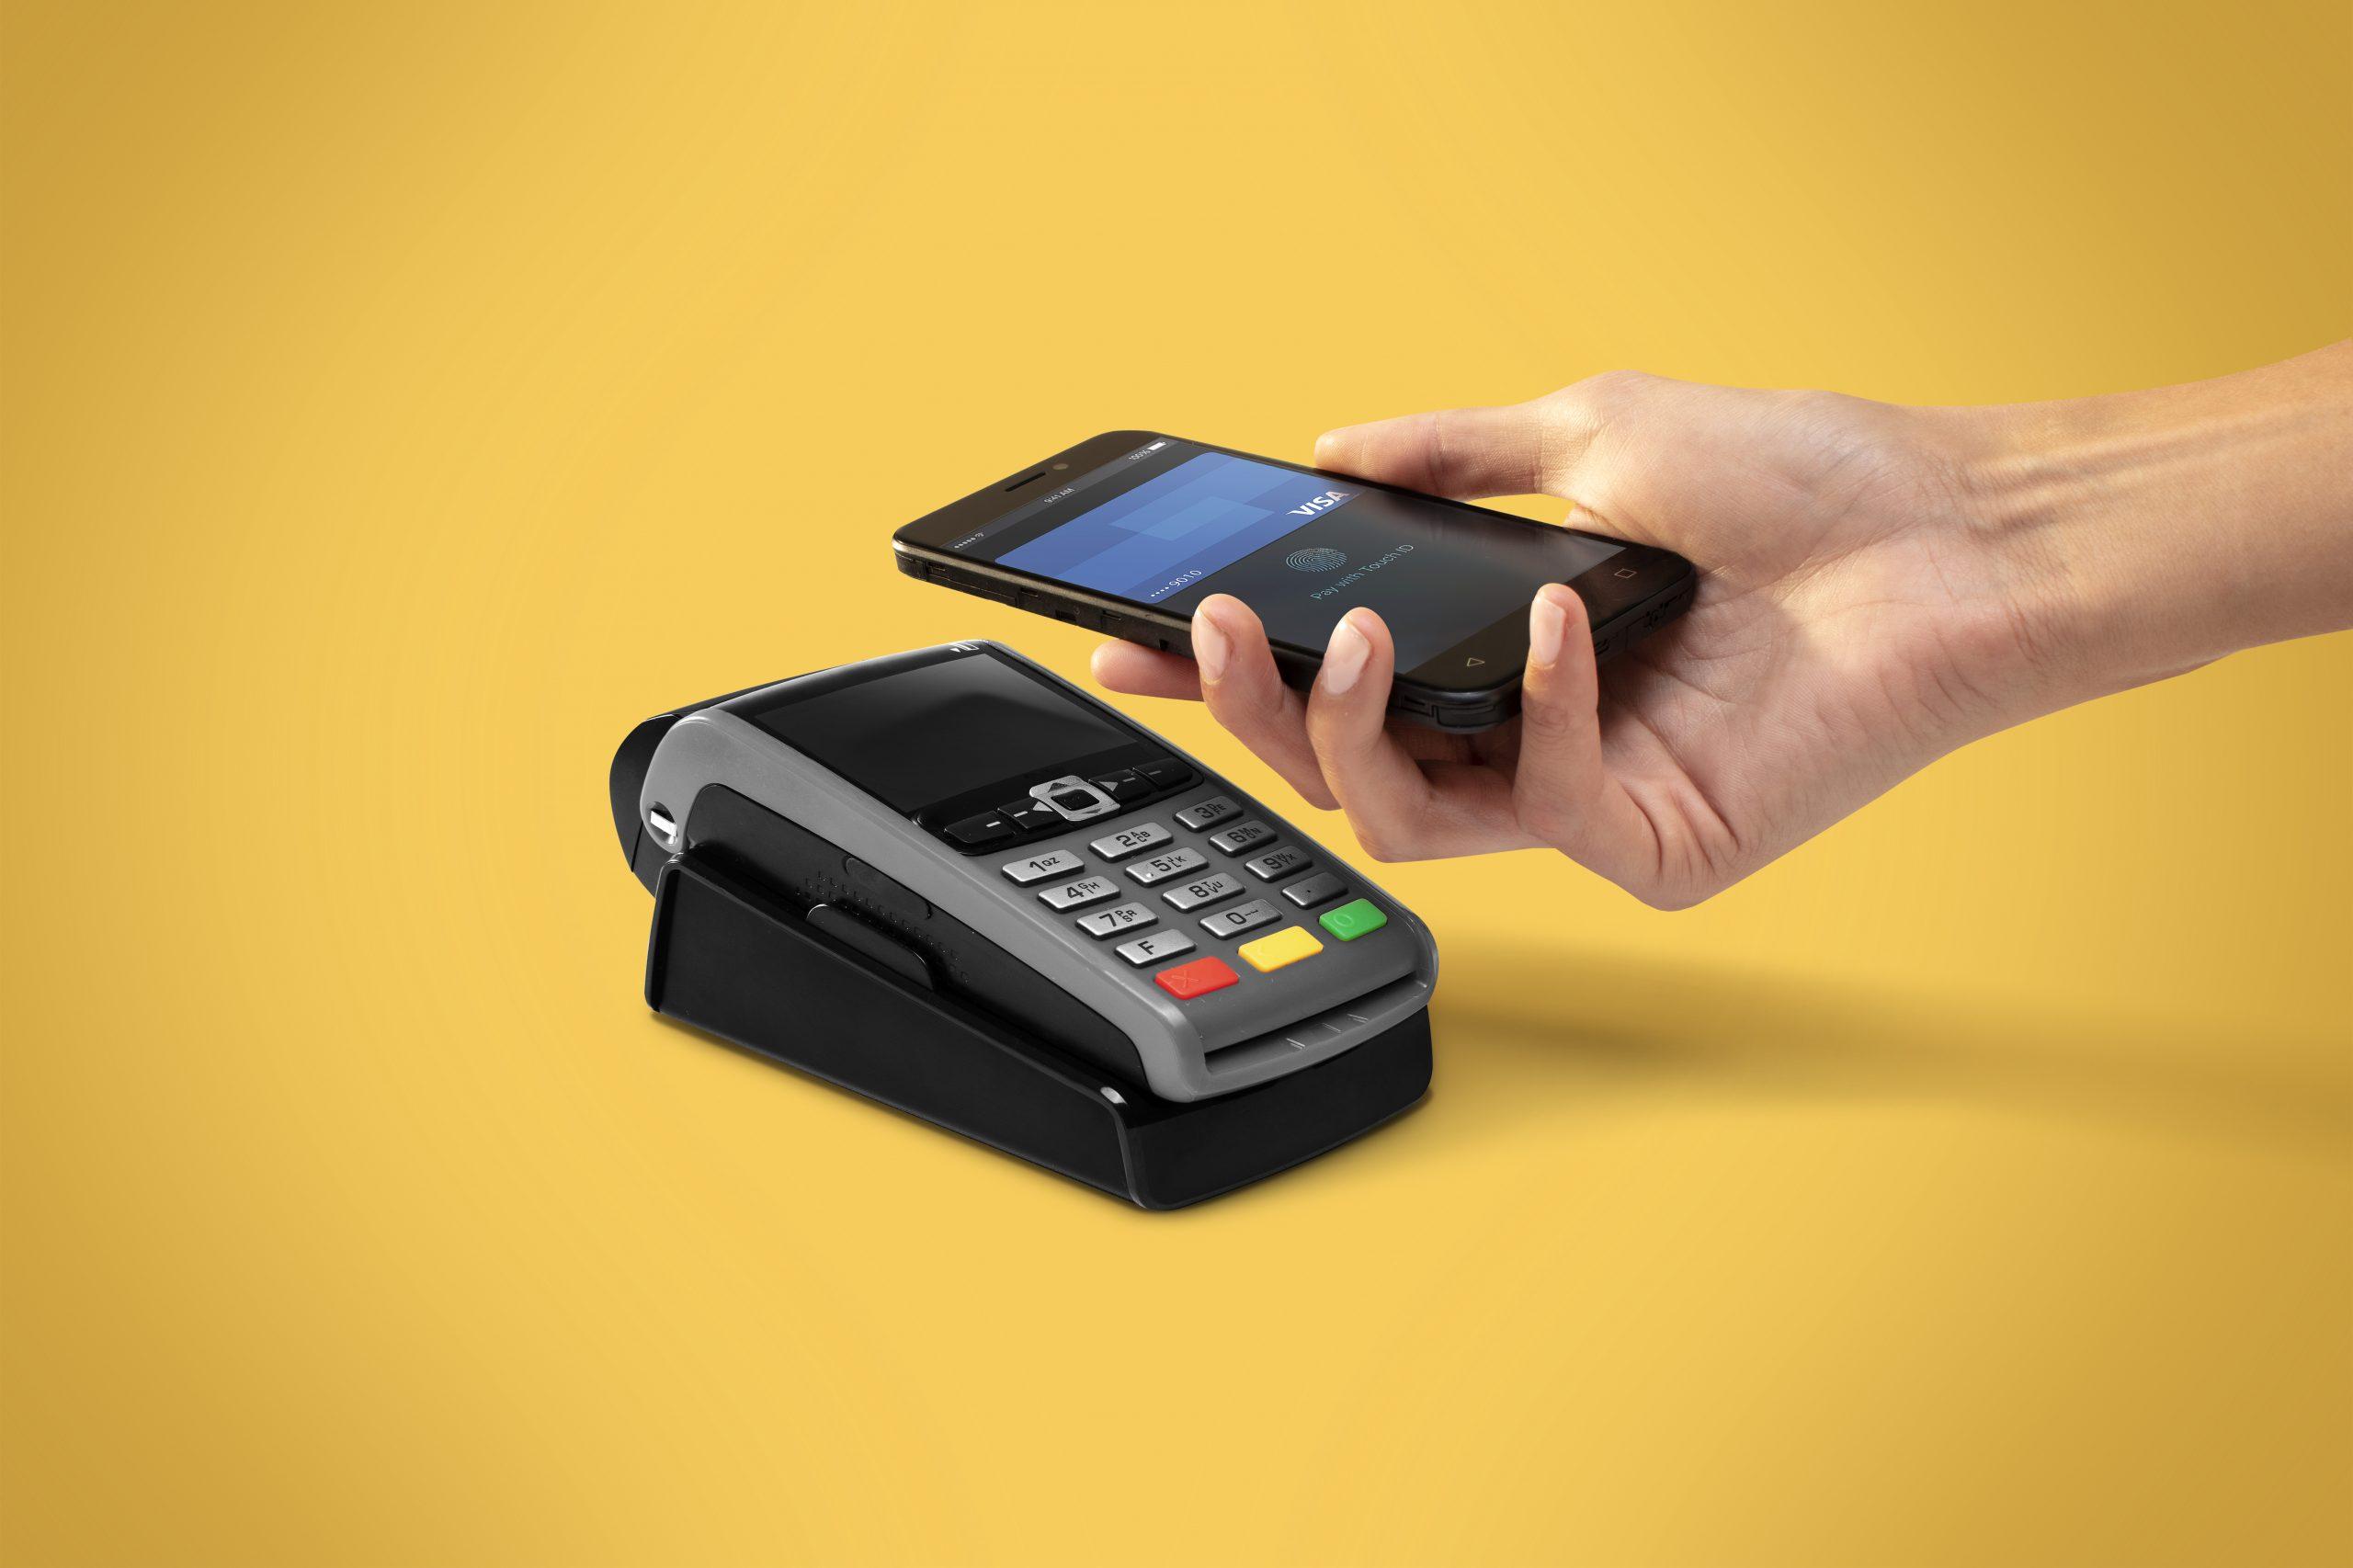 Jak zacząć płacić smartfonem lub smartwatchem? To bardzo proste!